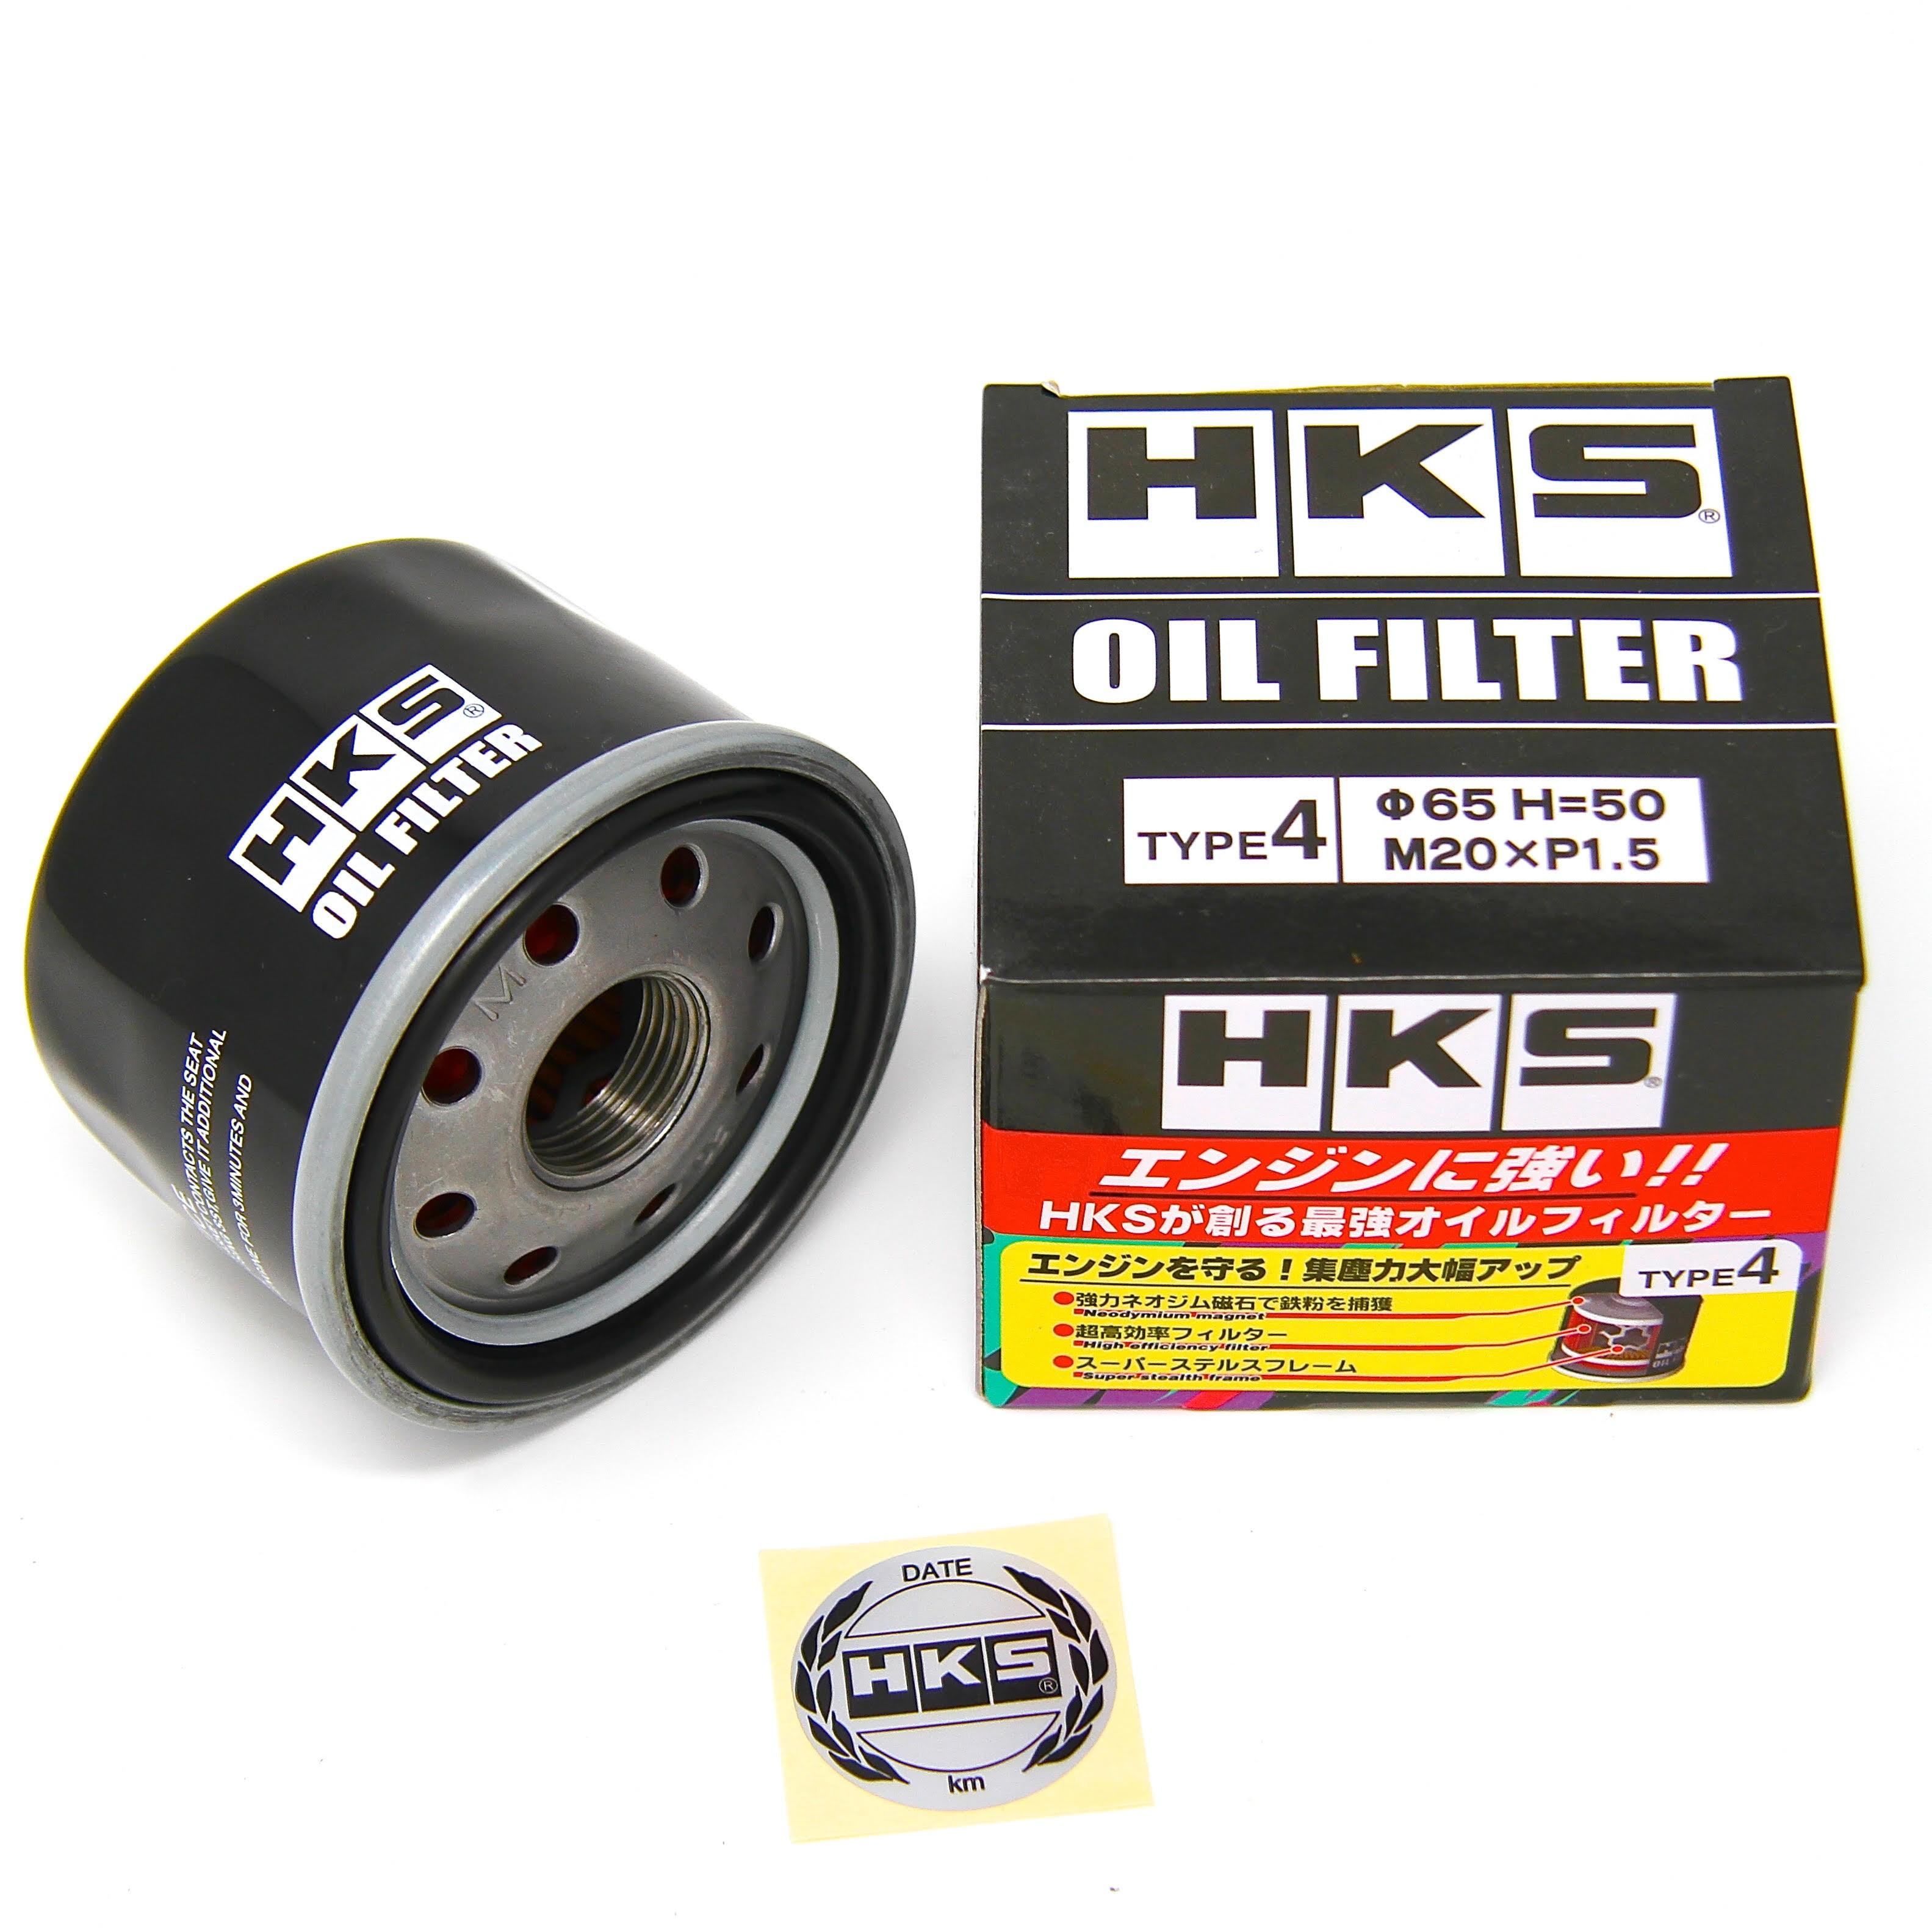 HKS Hybrid Sports Oil Filter - M20 X P1.5